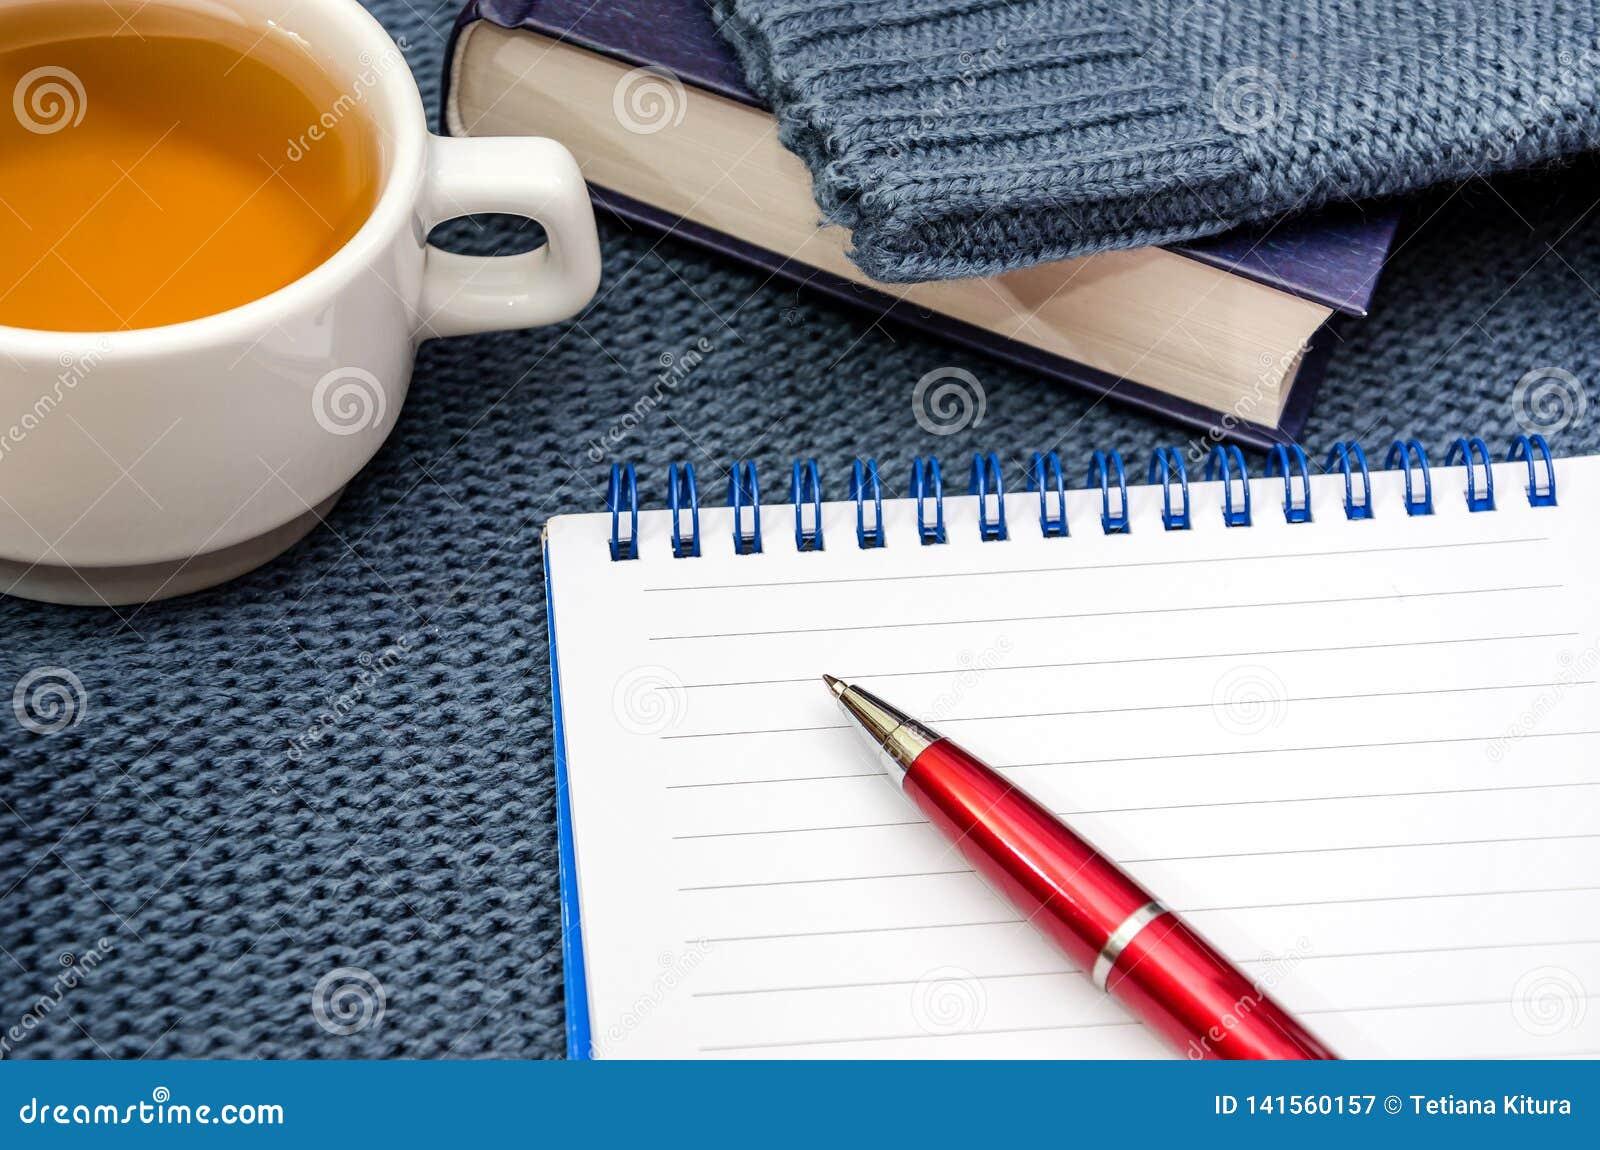 Carnet, stylo, livres et tasse de thé sur un chandail chaud et bleu